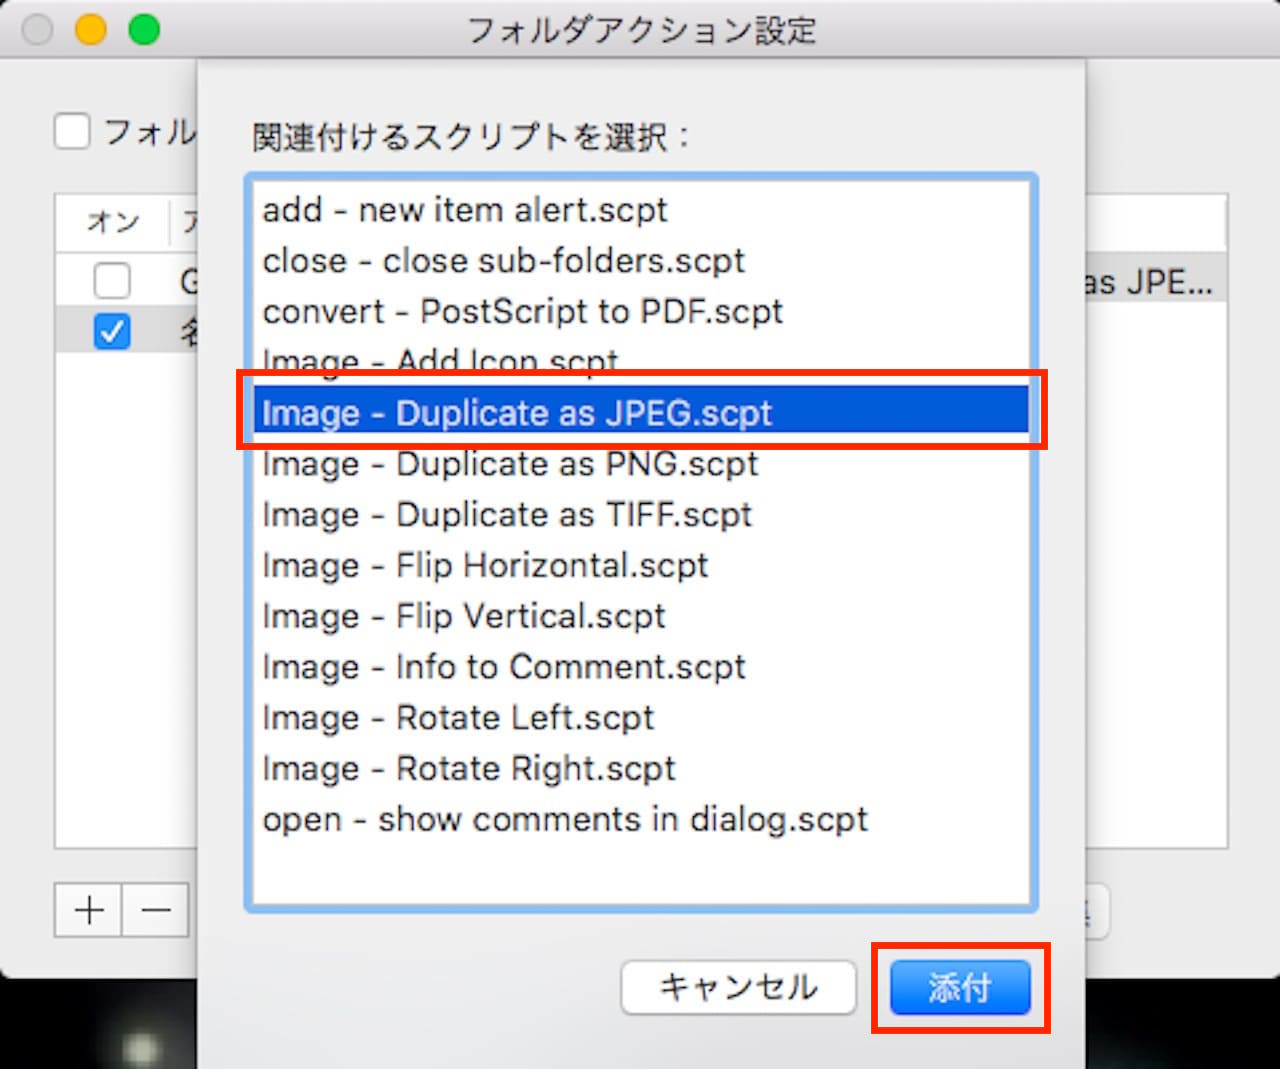 フォルダアクション設定を使用し、PNGをJPG(JPEG)に変換する方法④